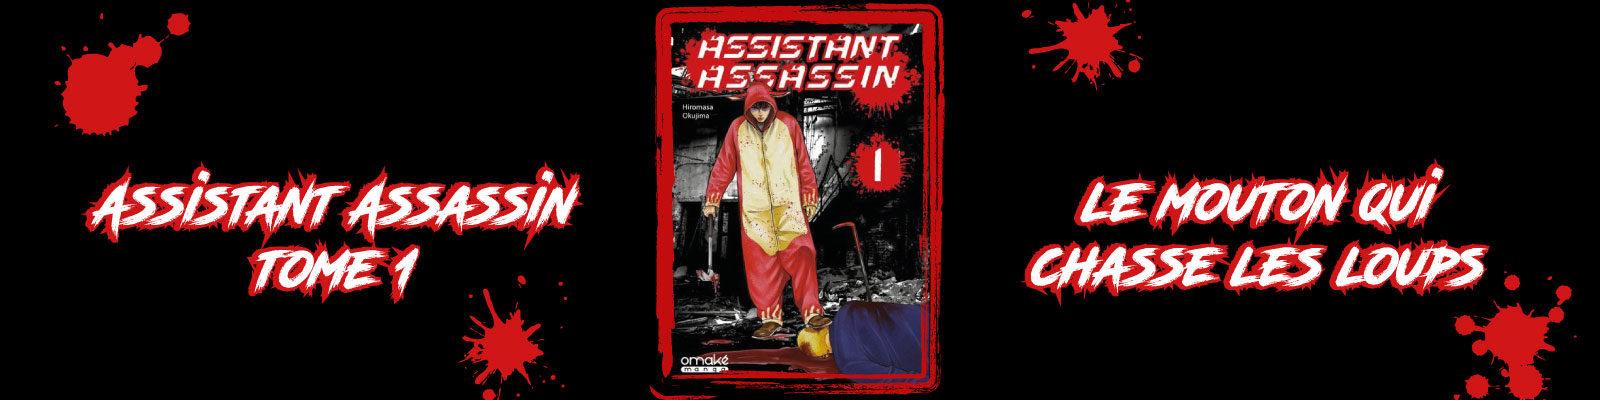 Assistant Assassin